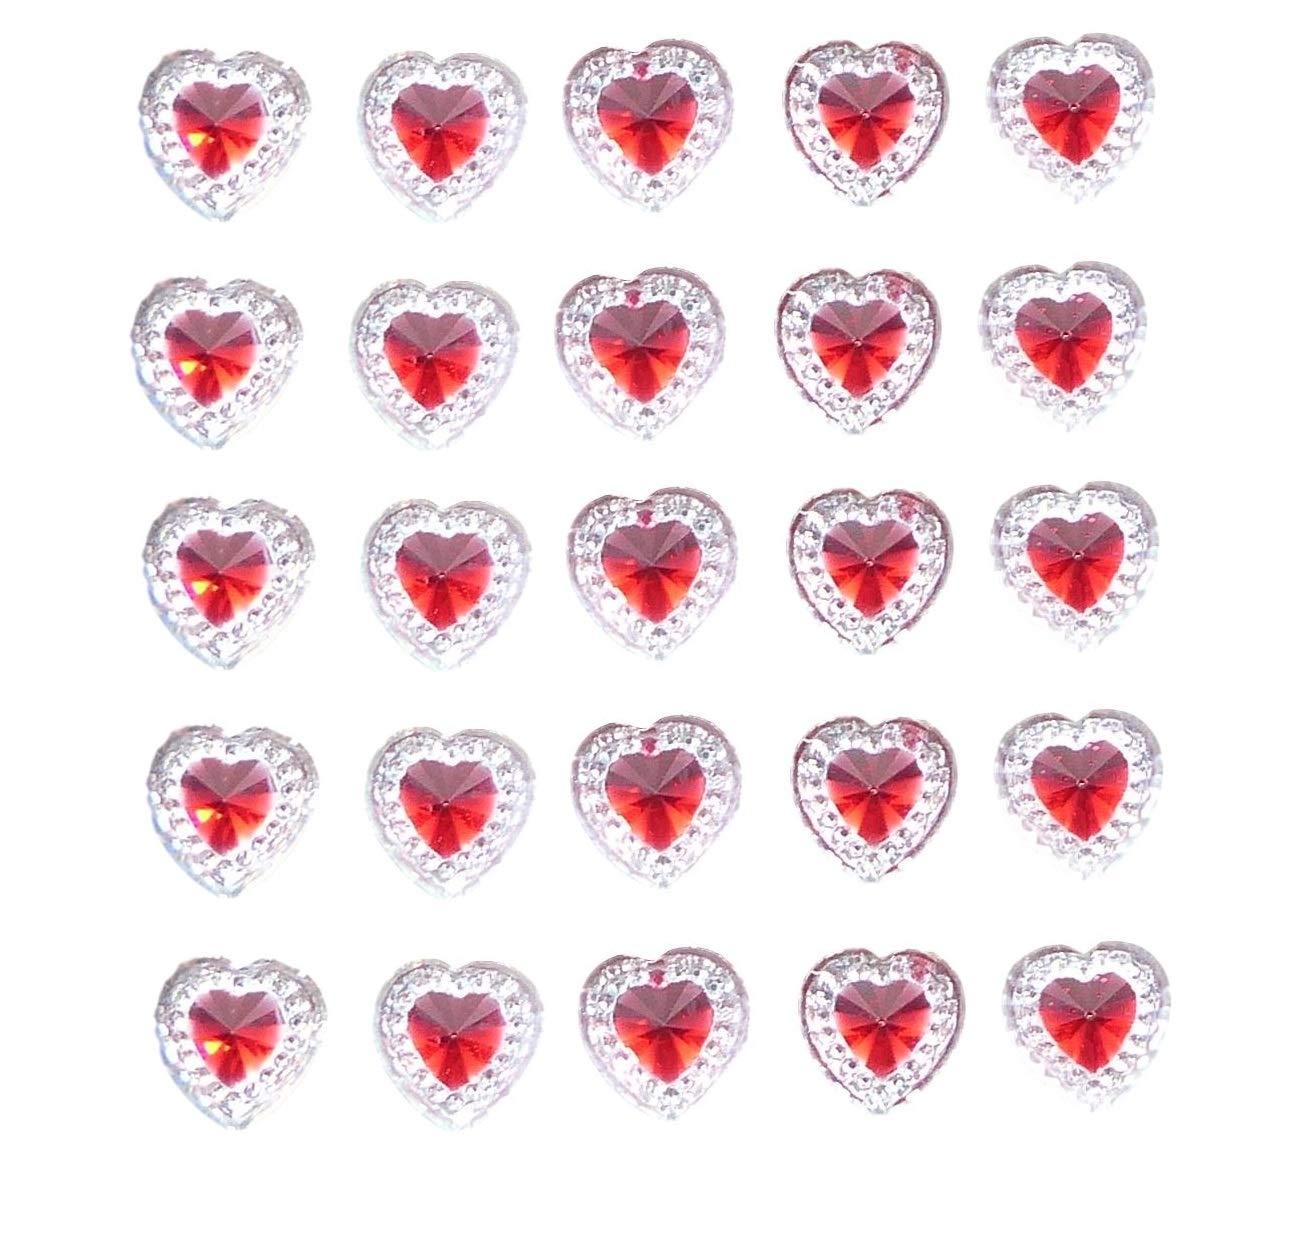 Hochzeit Einladungen Handwerk 80/x selbstklebende rund klar Diamant Strass Acryl Kristalle Stick auf Gems f/ür Karte machen